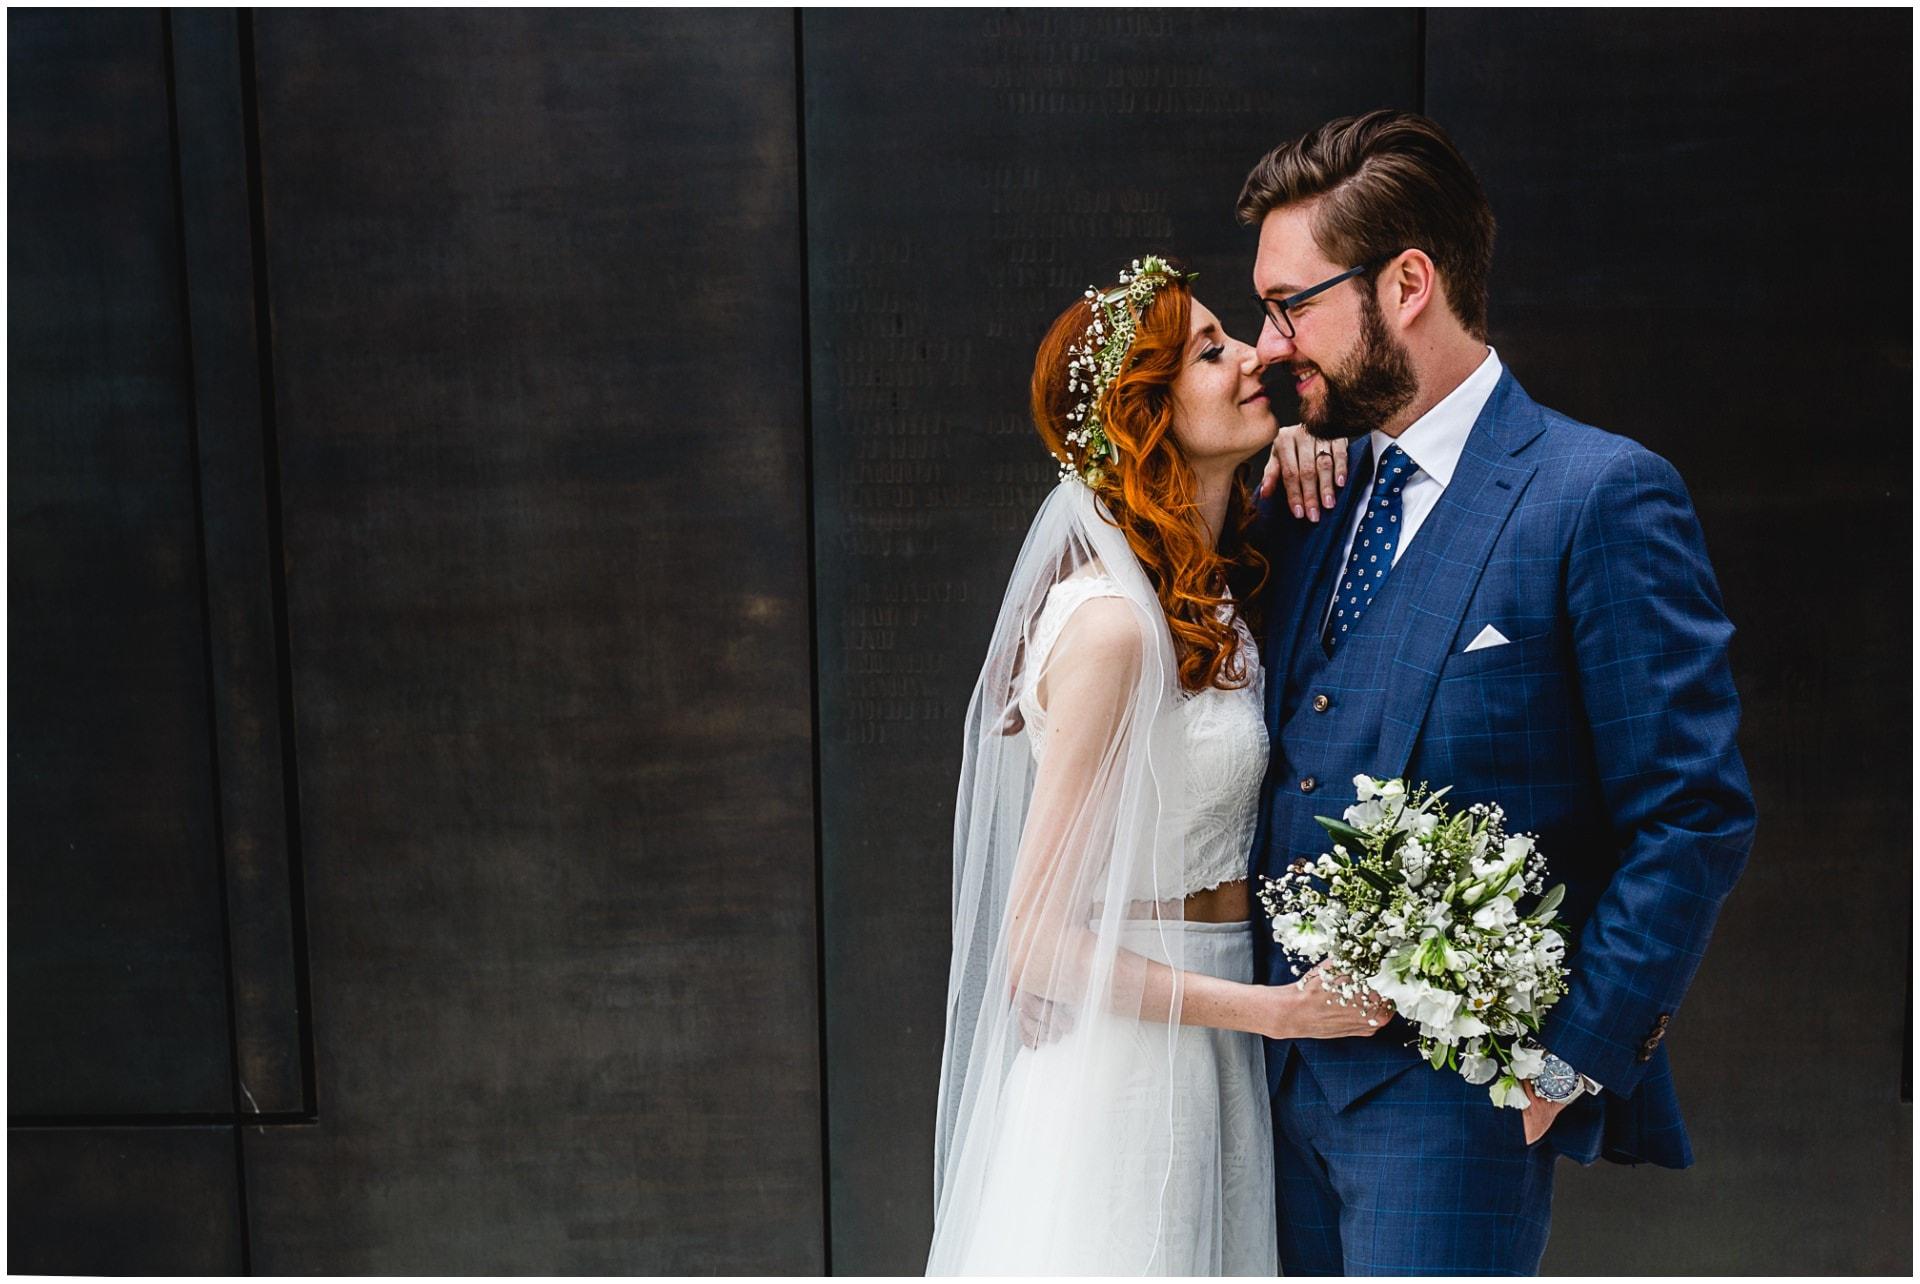 Hochzeitsfotograf in Lübeck und Stockelsdorf, Bad Schwartau, Karoline & Thomas studioamkanal.de, Hochzeitsreportage,